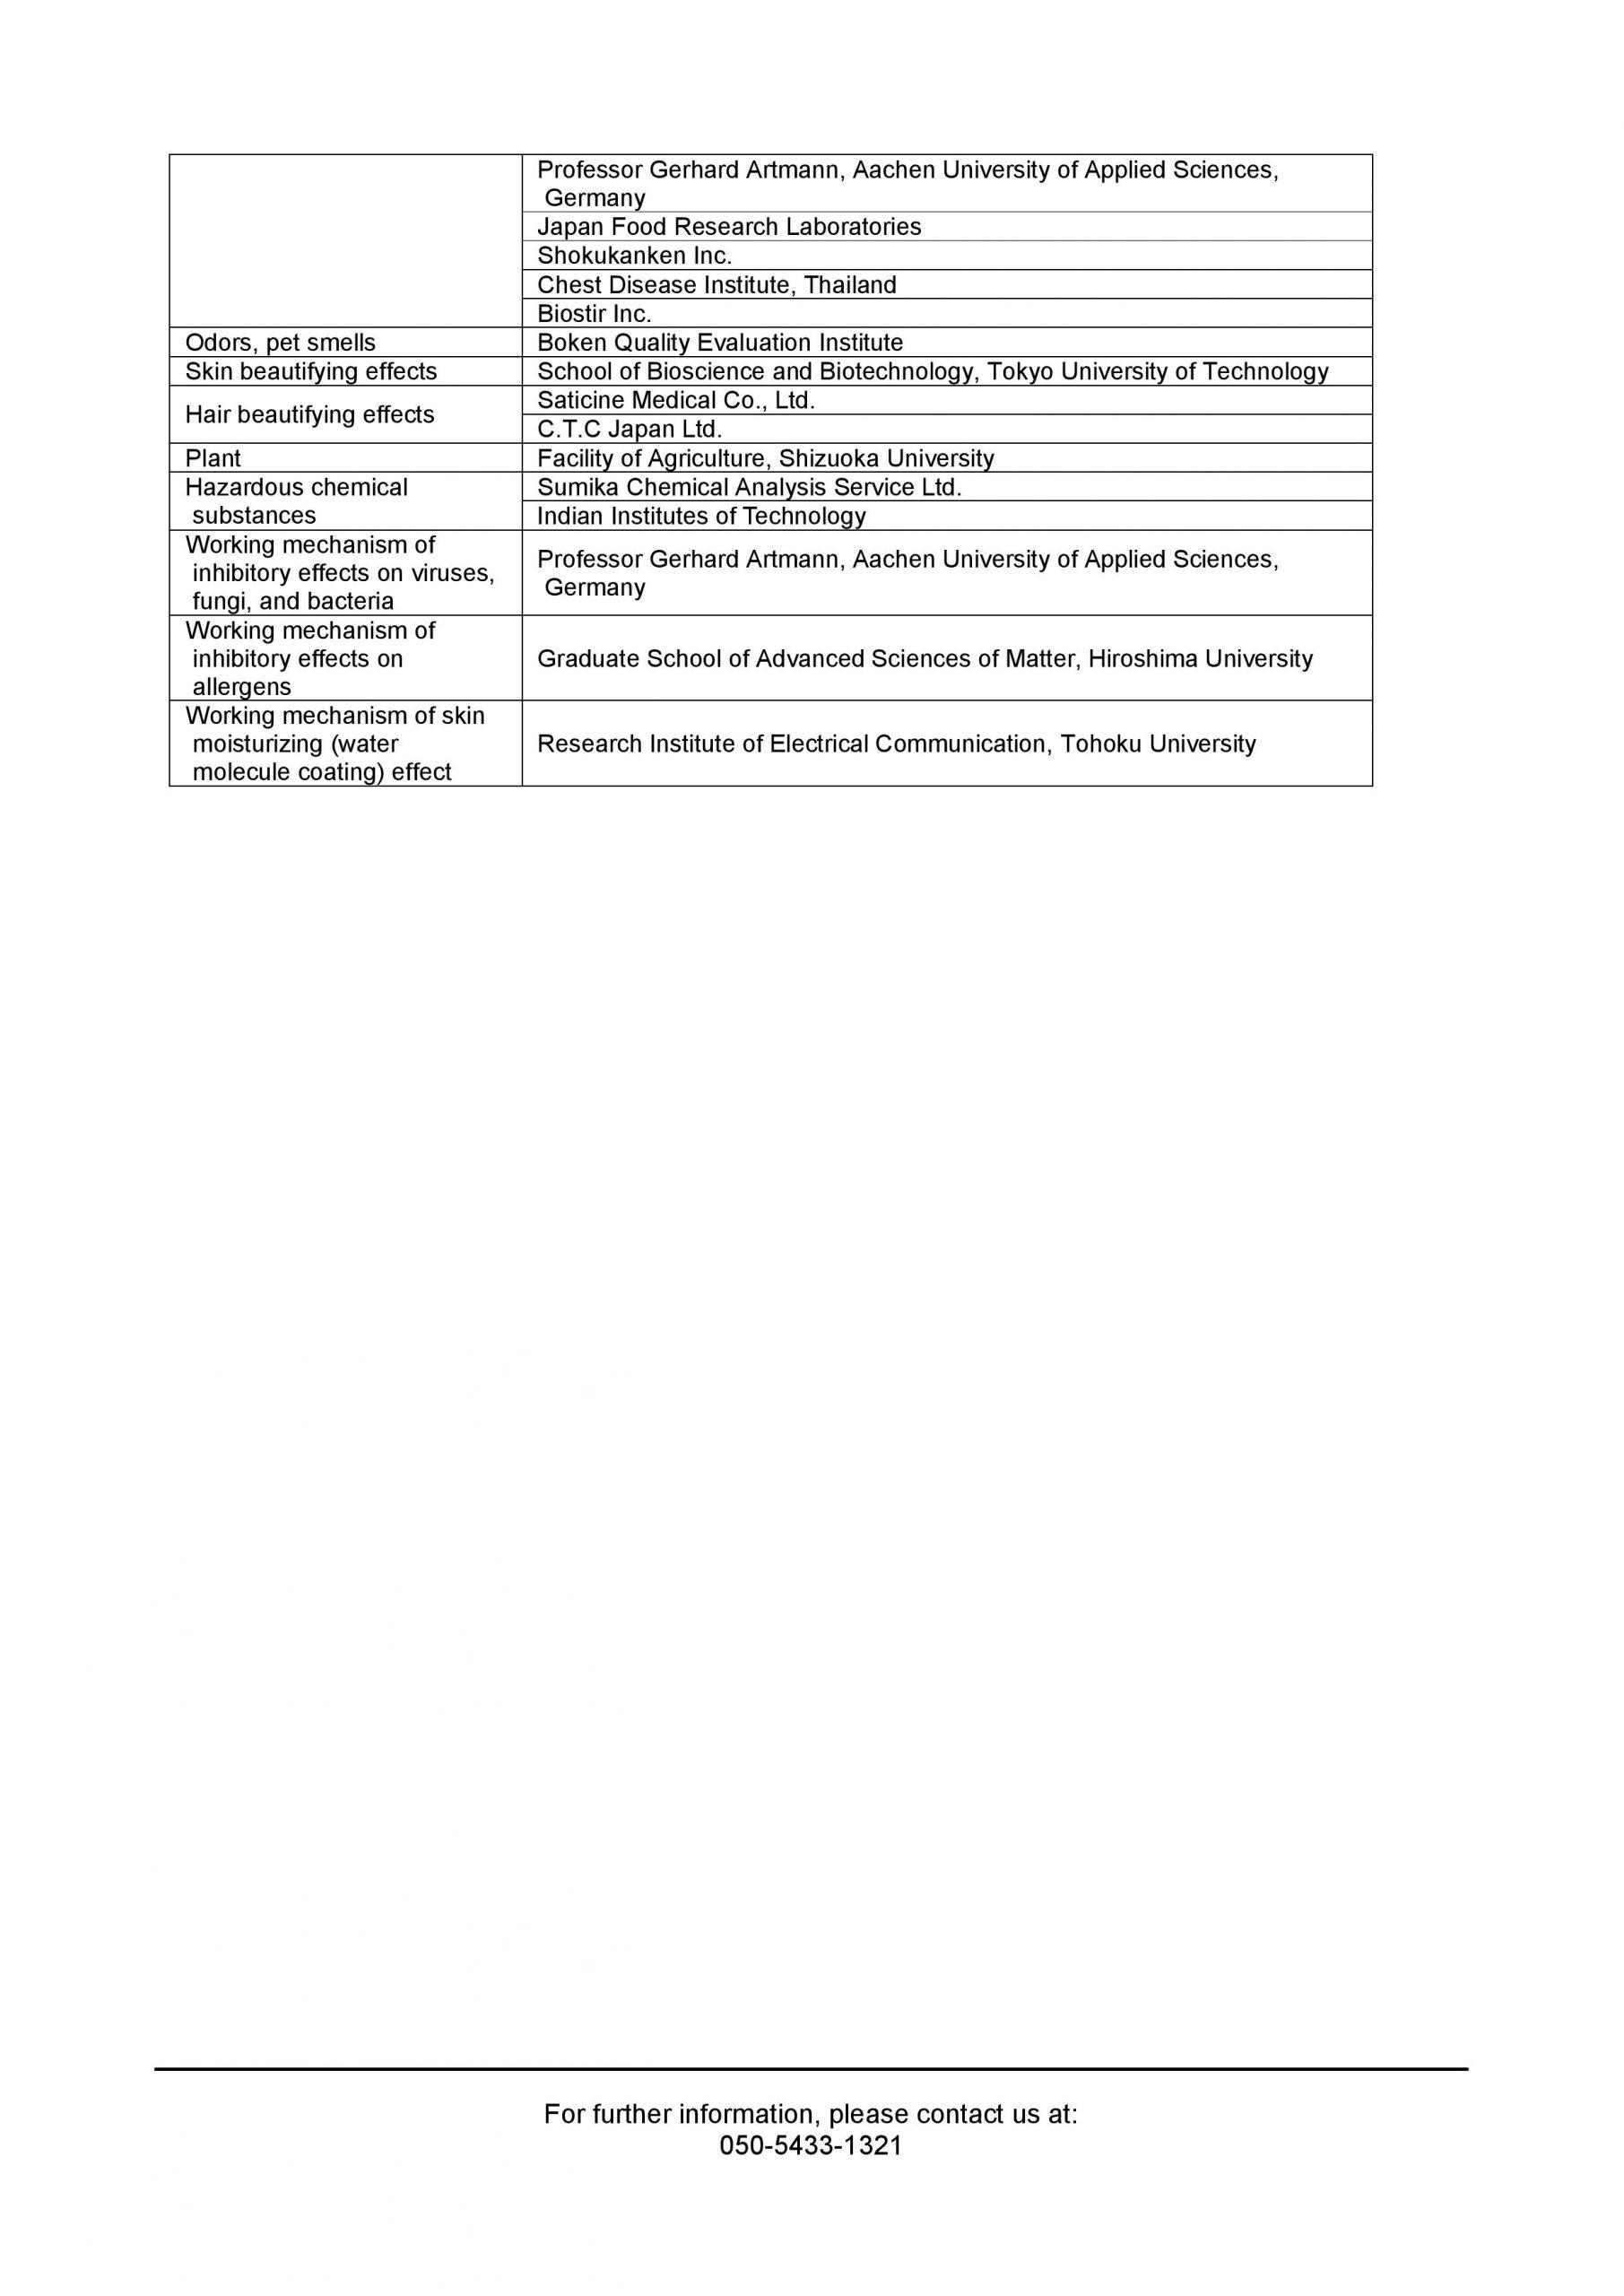 Sharp Corona virus test certificate